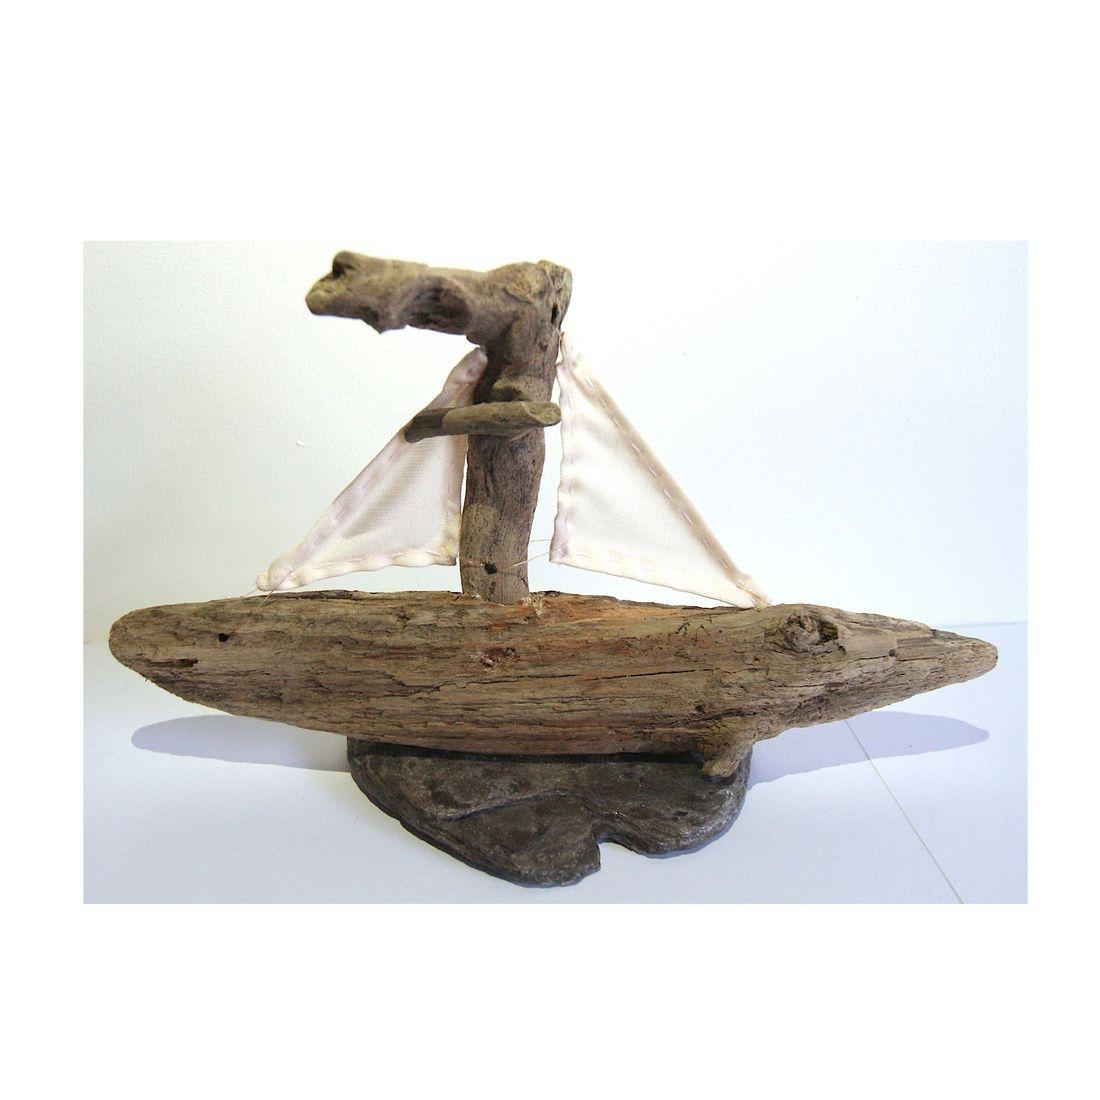 Driftwood boat 7